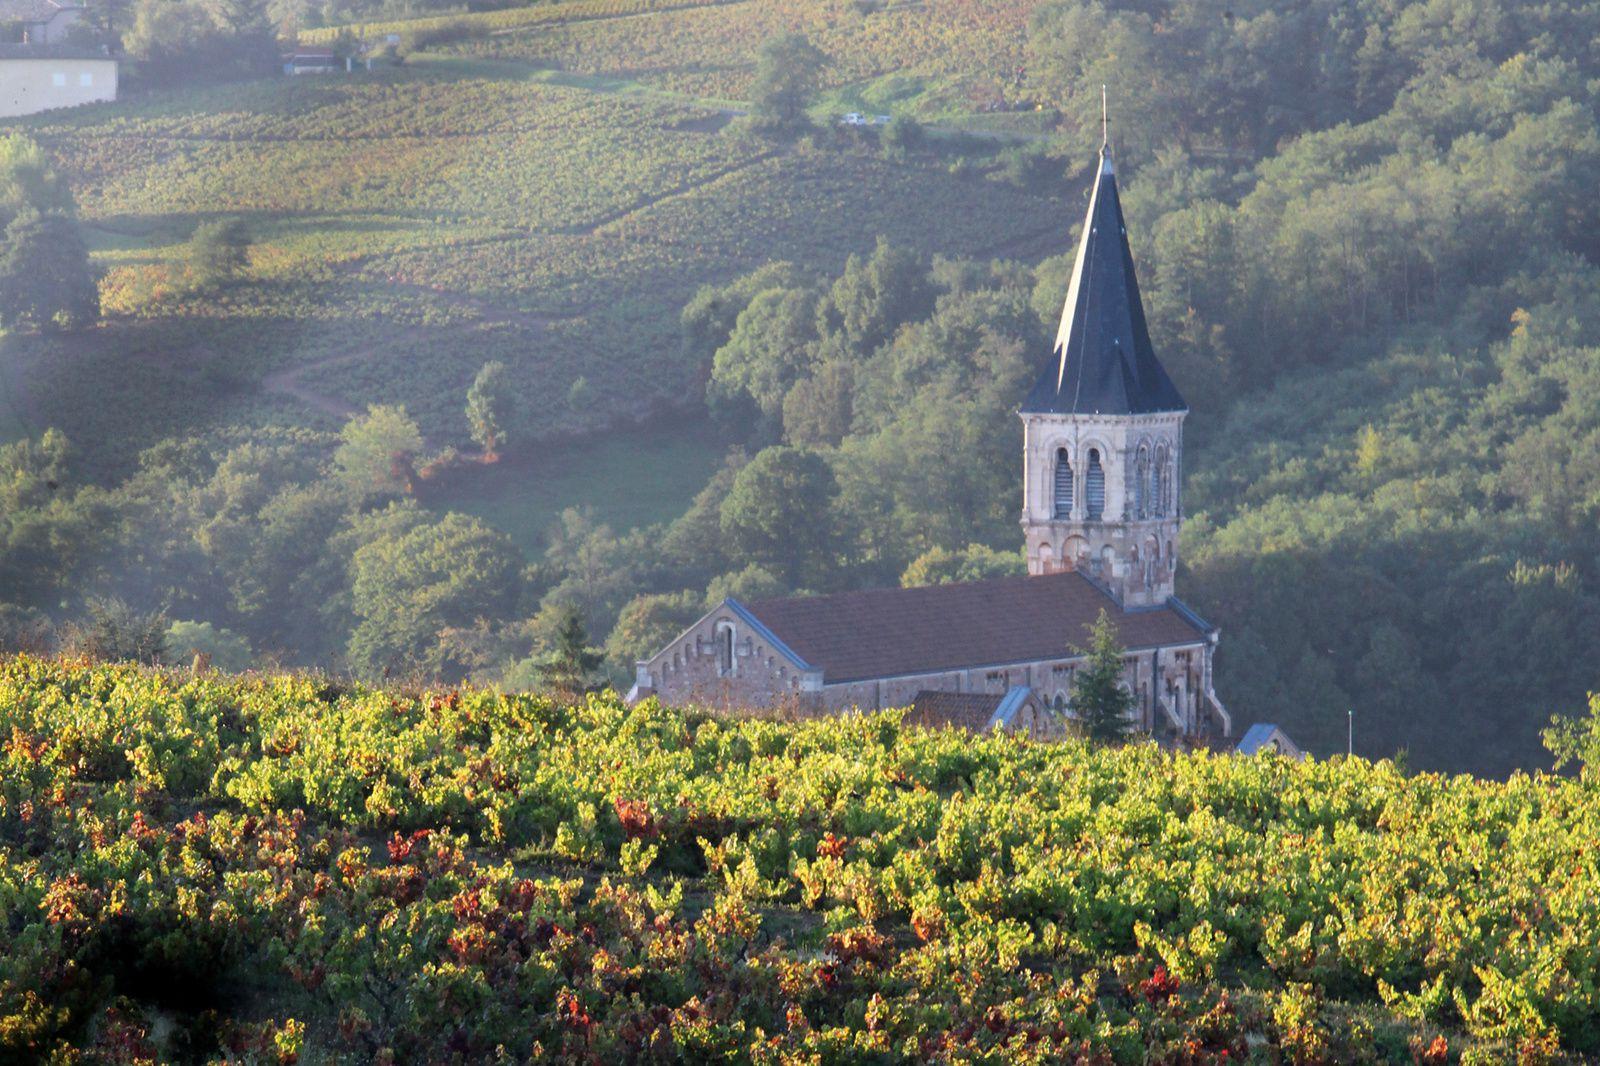 En avril, le Beaujolais fête ses crus sur la route des terroirs...